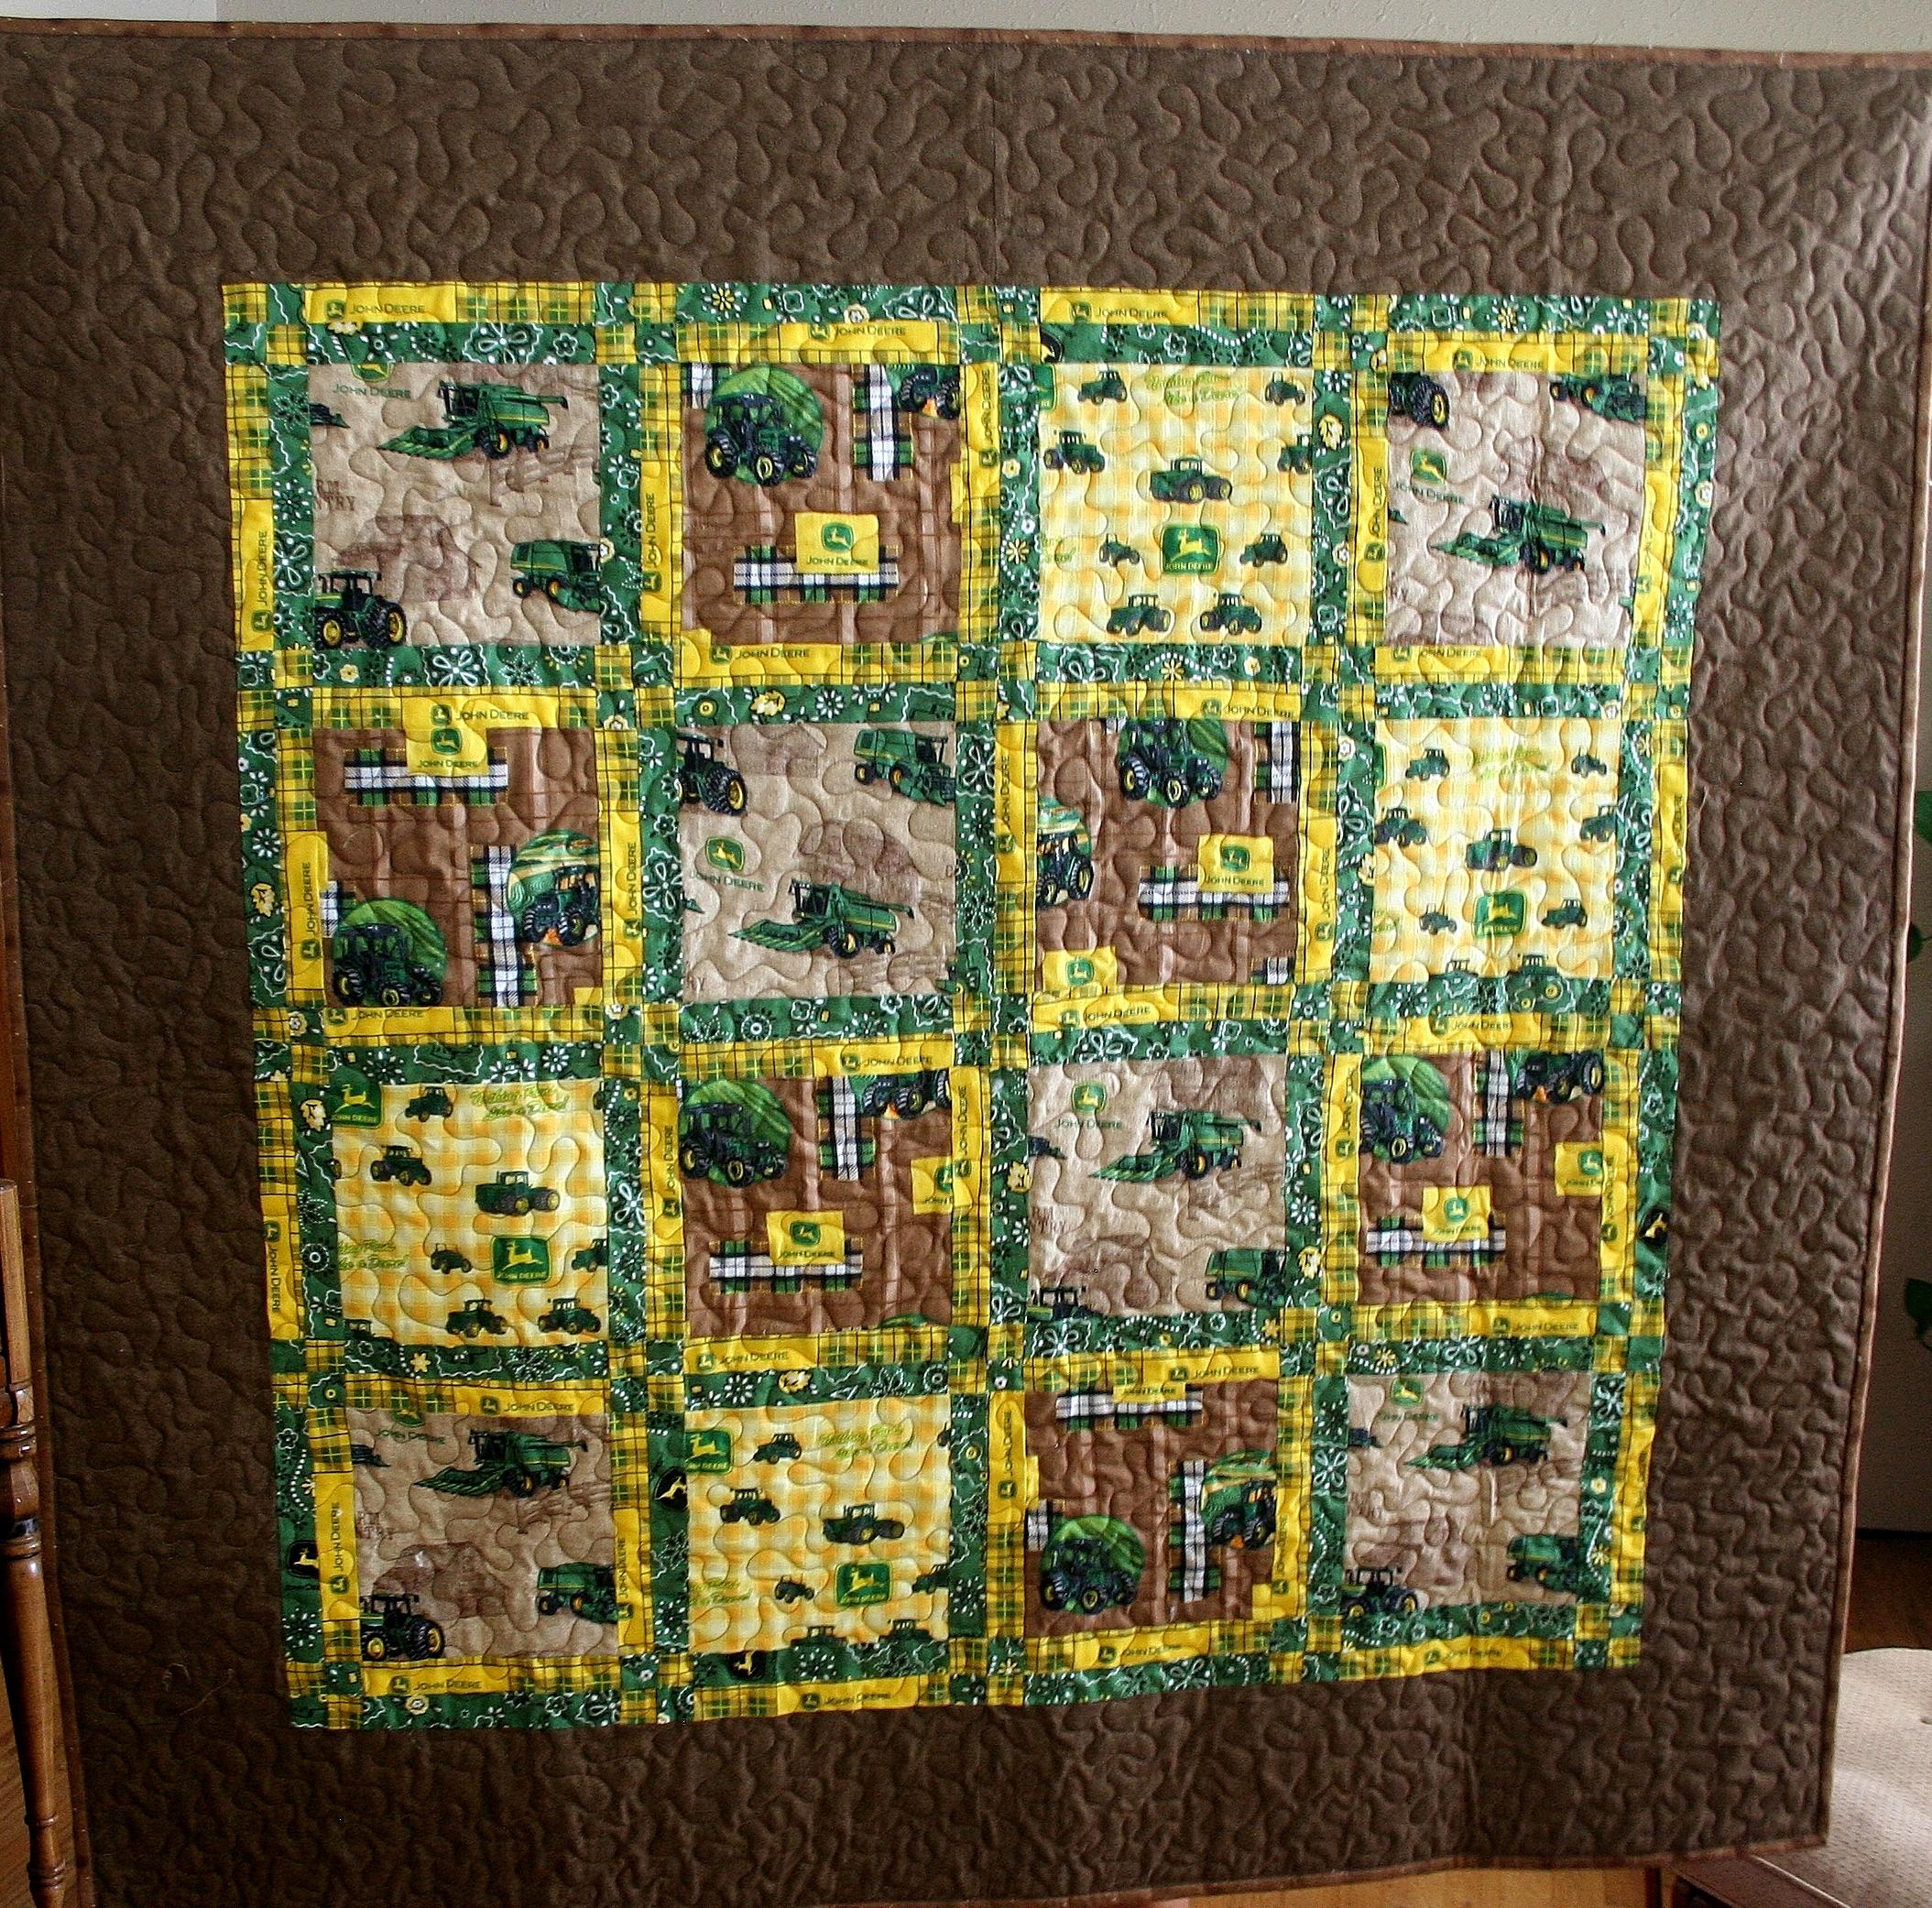 John Deere Quilt Patterns : John deere tractor quilt idealstitches s